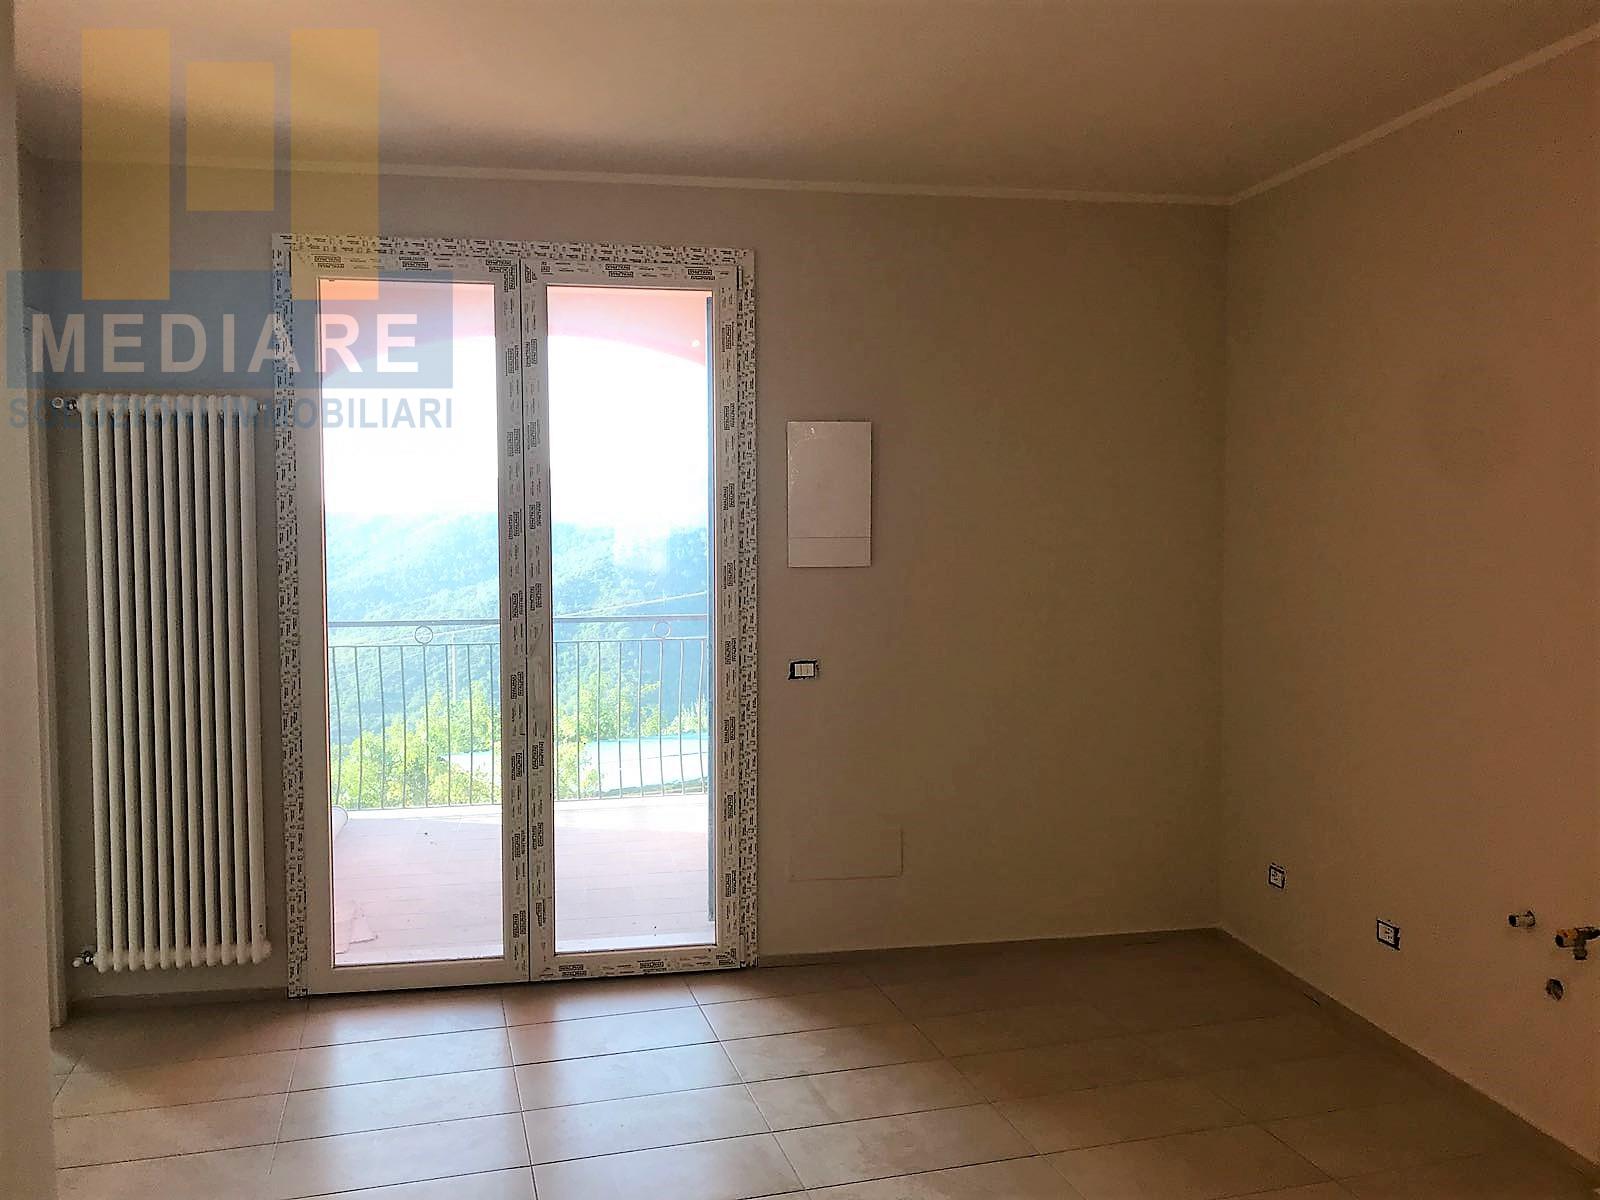 Appartamento in vendita a Magliolo, 3 locali, prezzo € 89.000 | CambioCasa.it